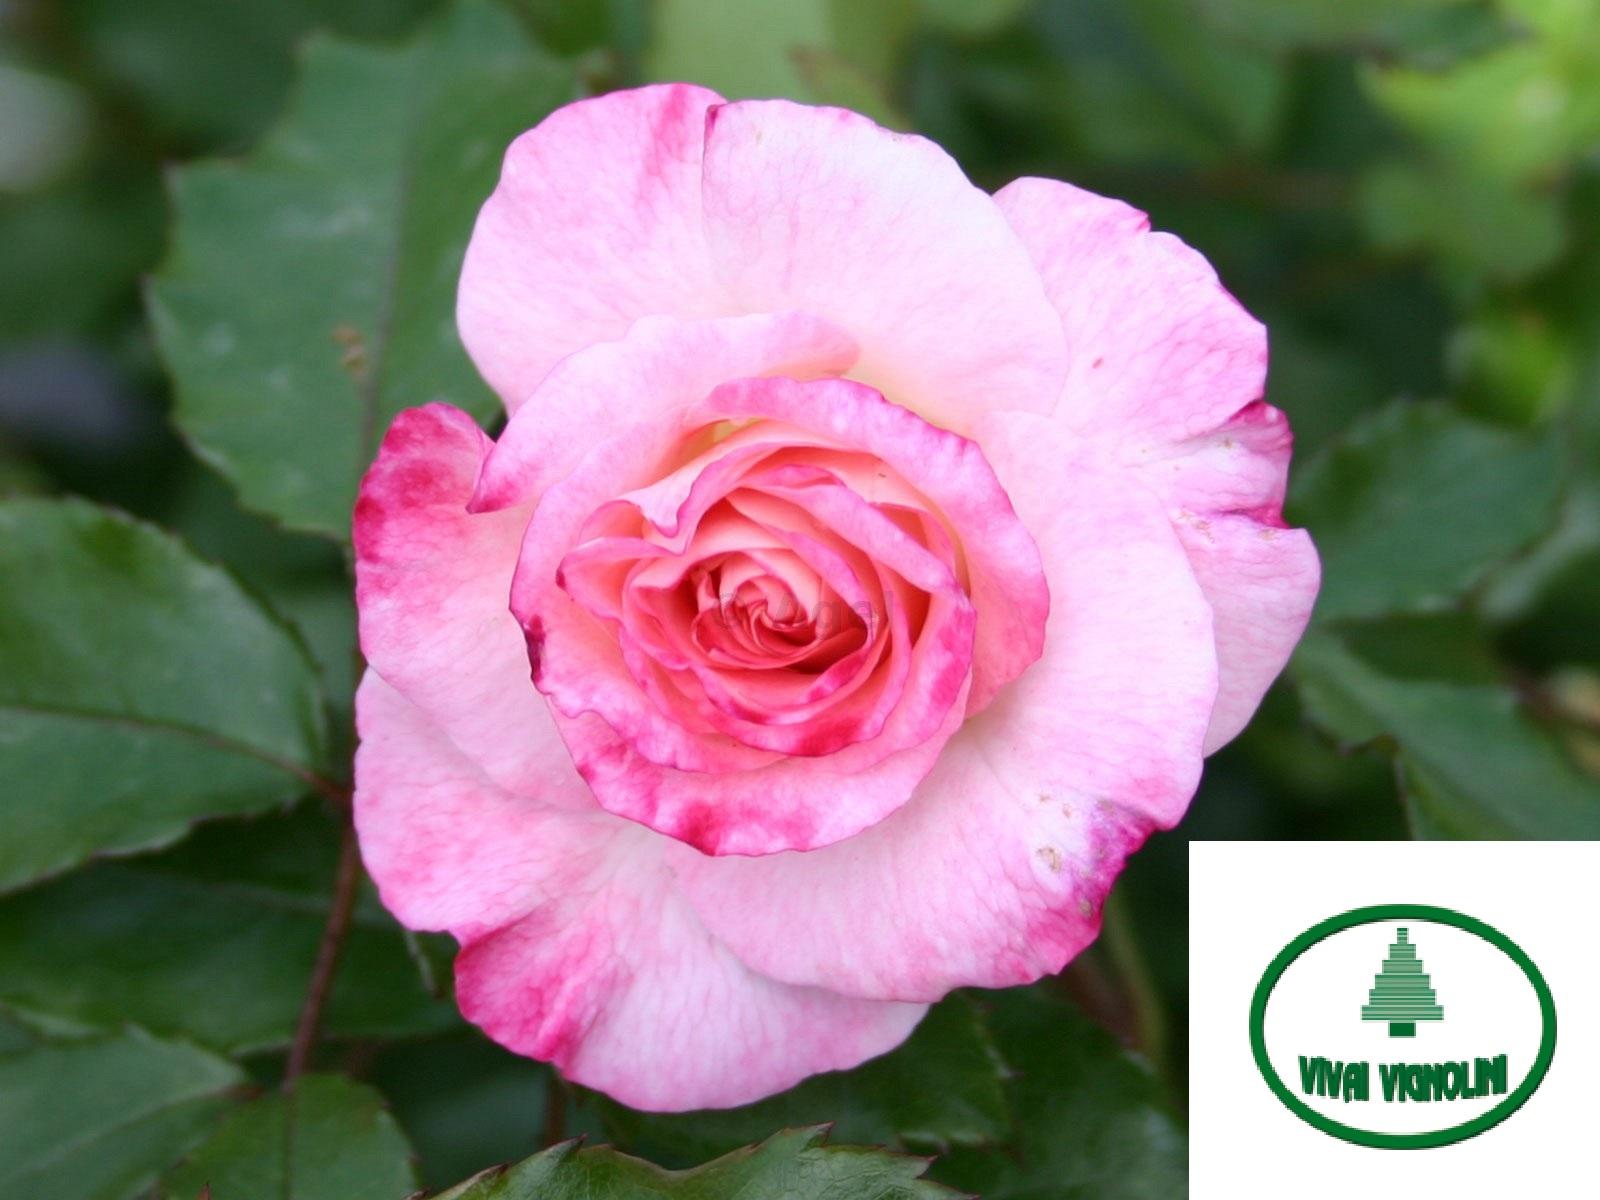 Catalogo rosa grandi fiori abigaile vivai vignolini for Catalogo piante e fiori